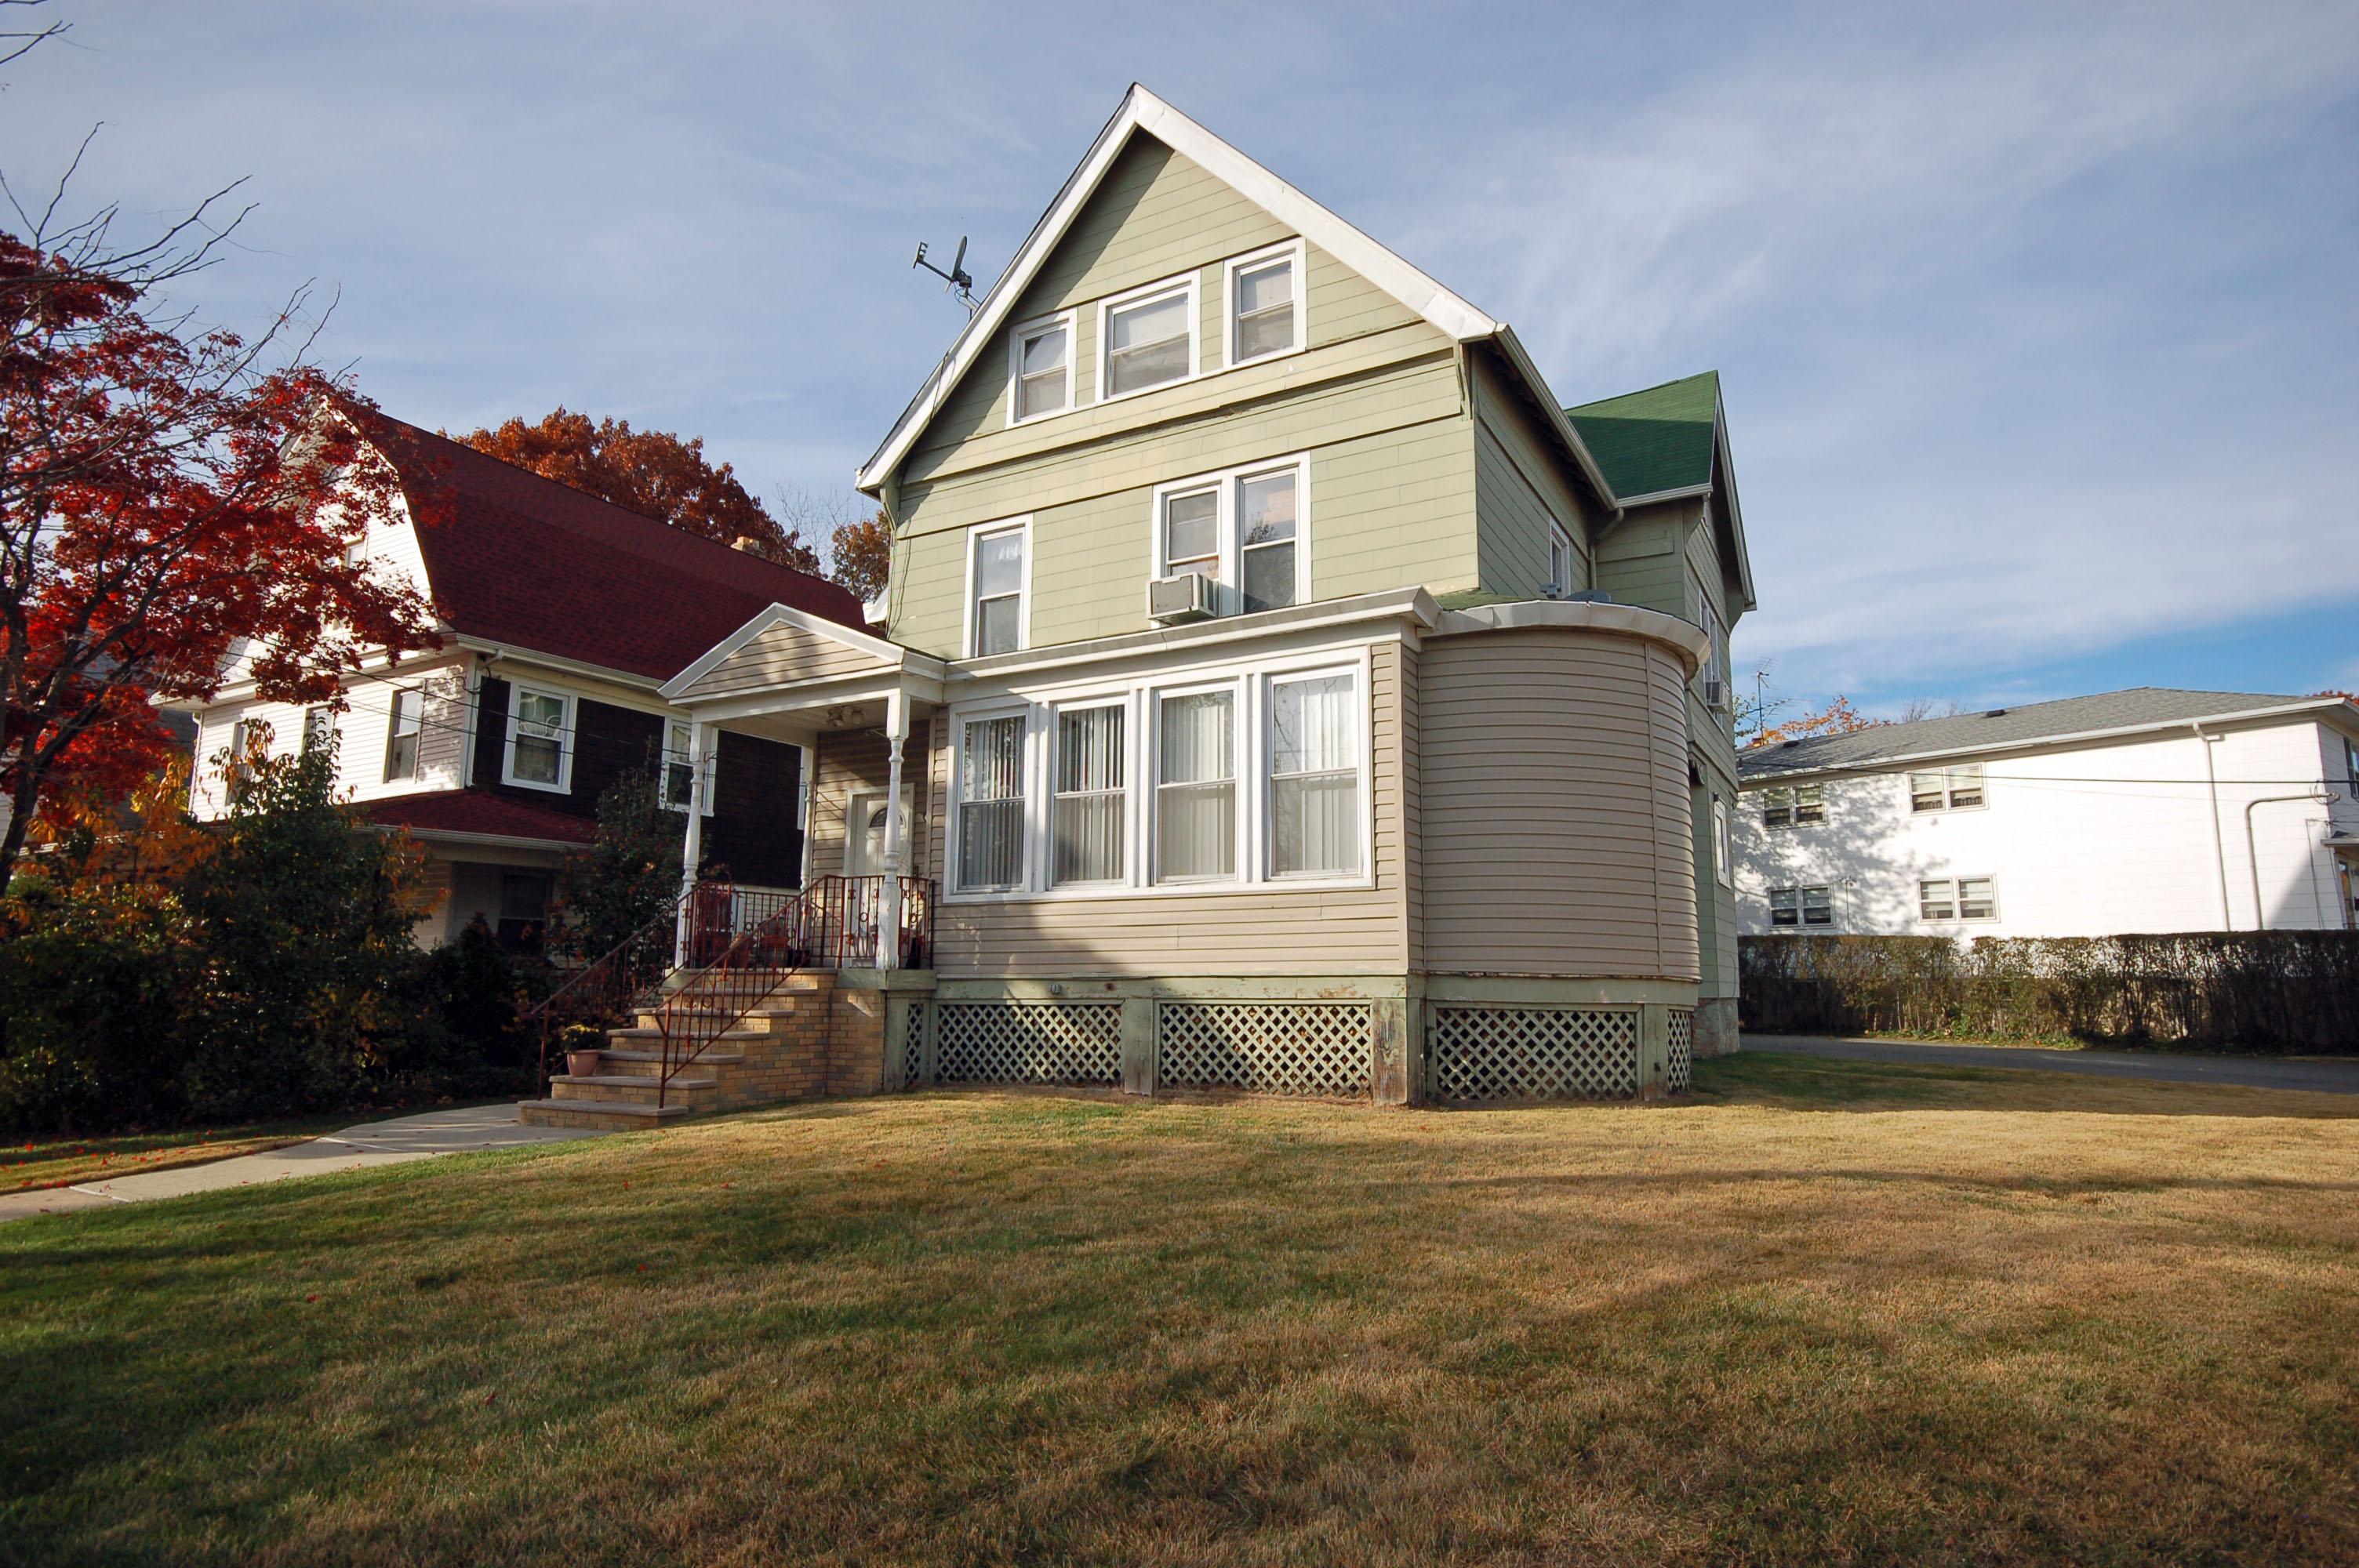 157 Washington Street, Bloomfield, New Jersey 07003